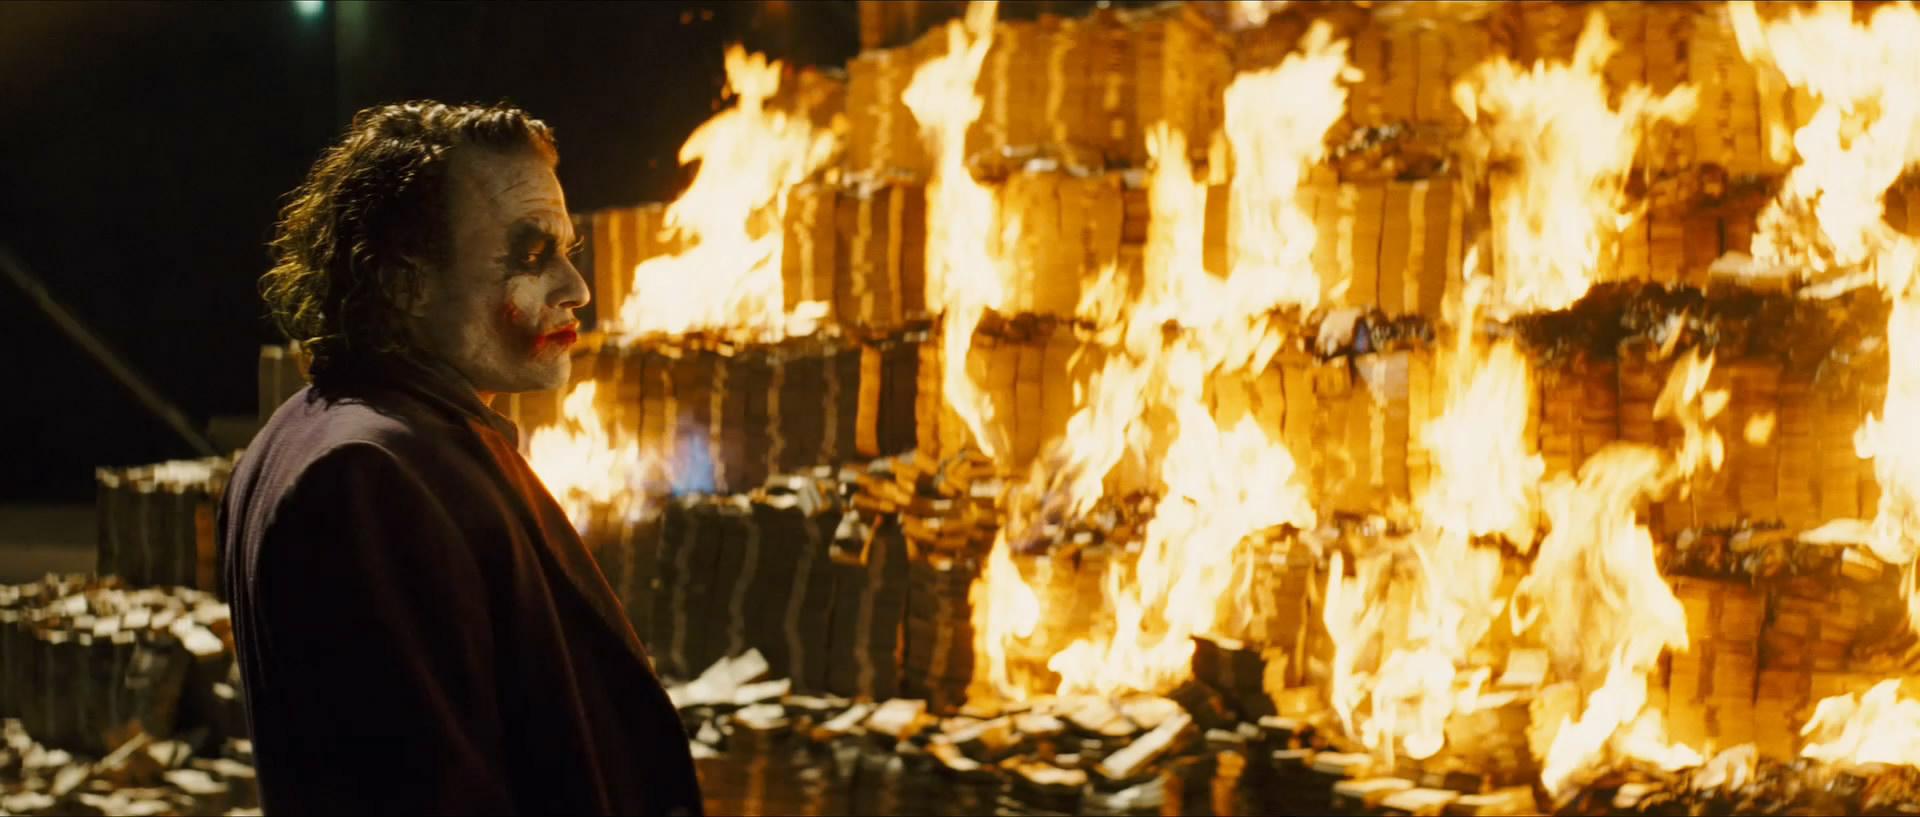 Joker-billionaire-burning-money.jpg